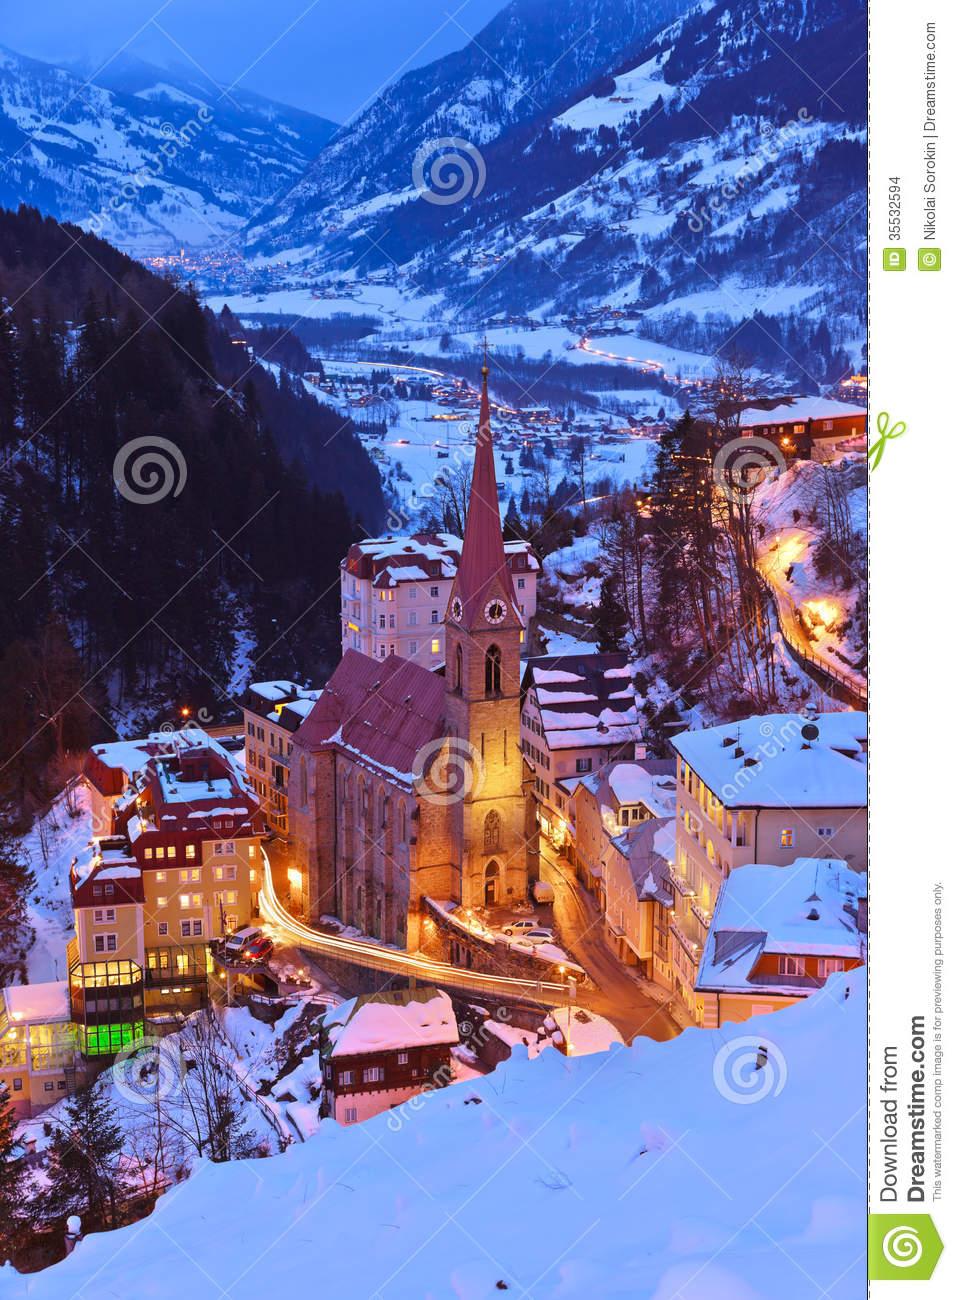 Mountains Ski Resort Bad Gastein Austria Stock Images.